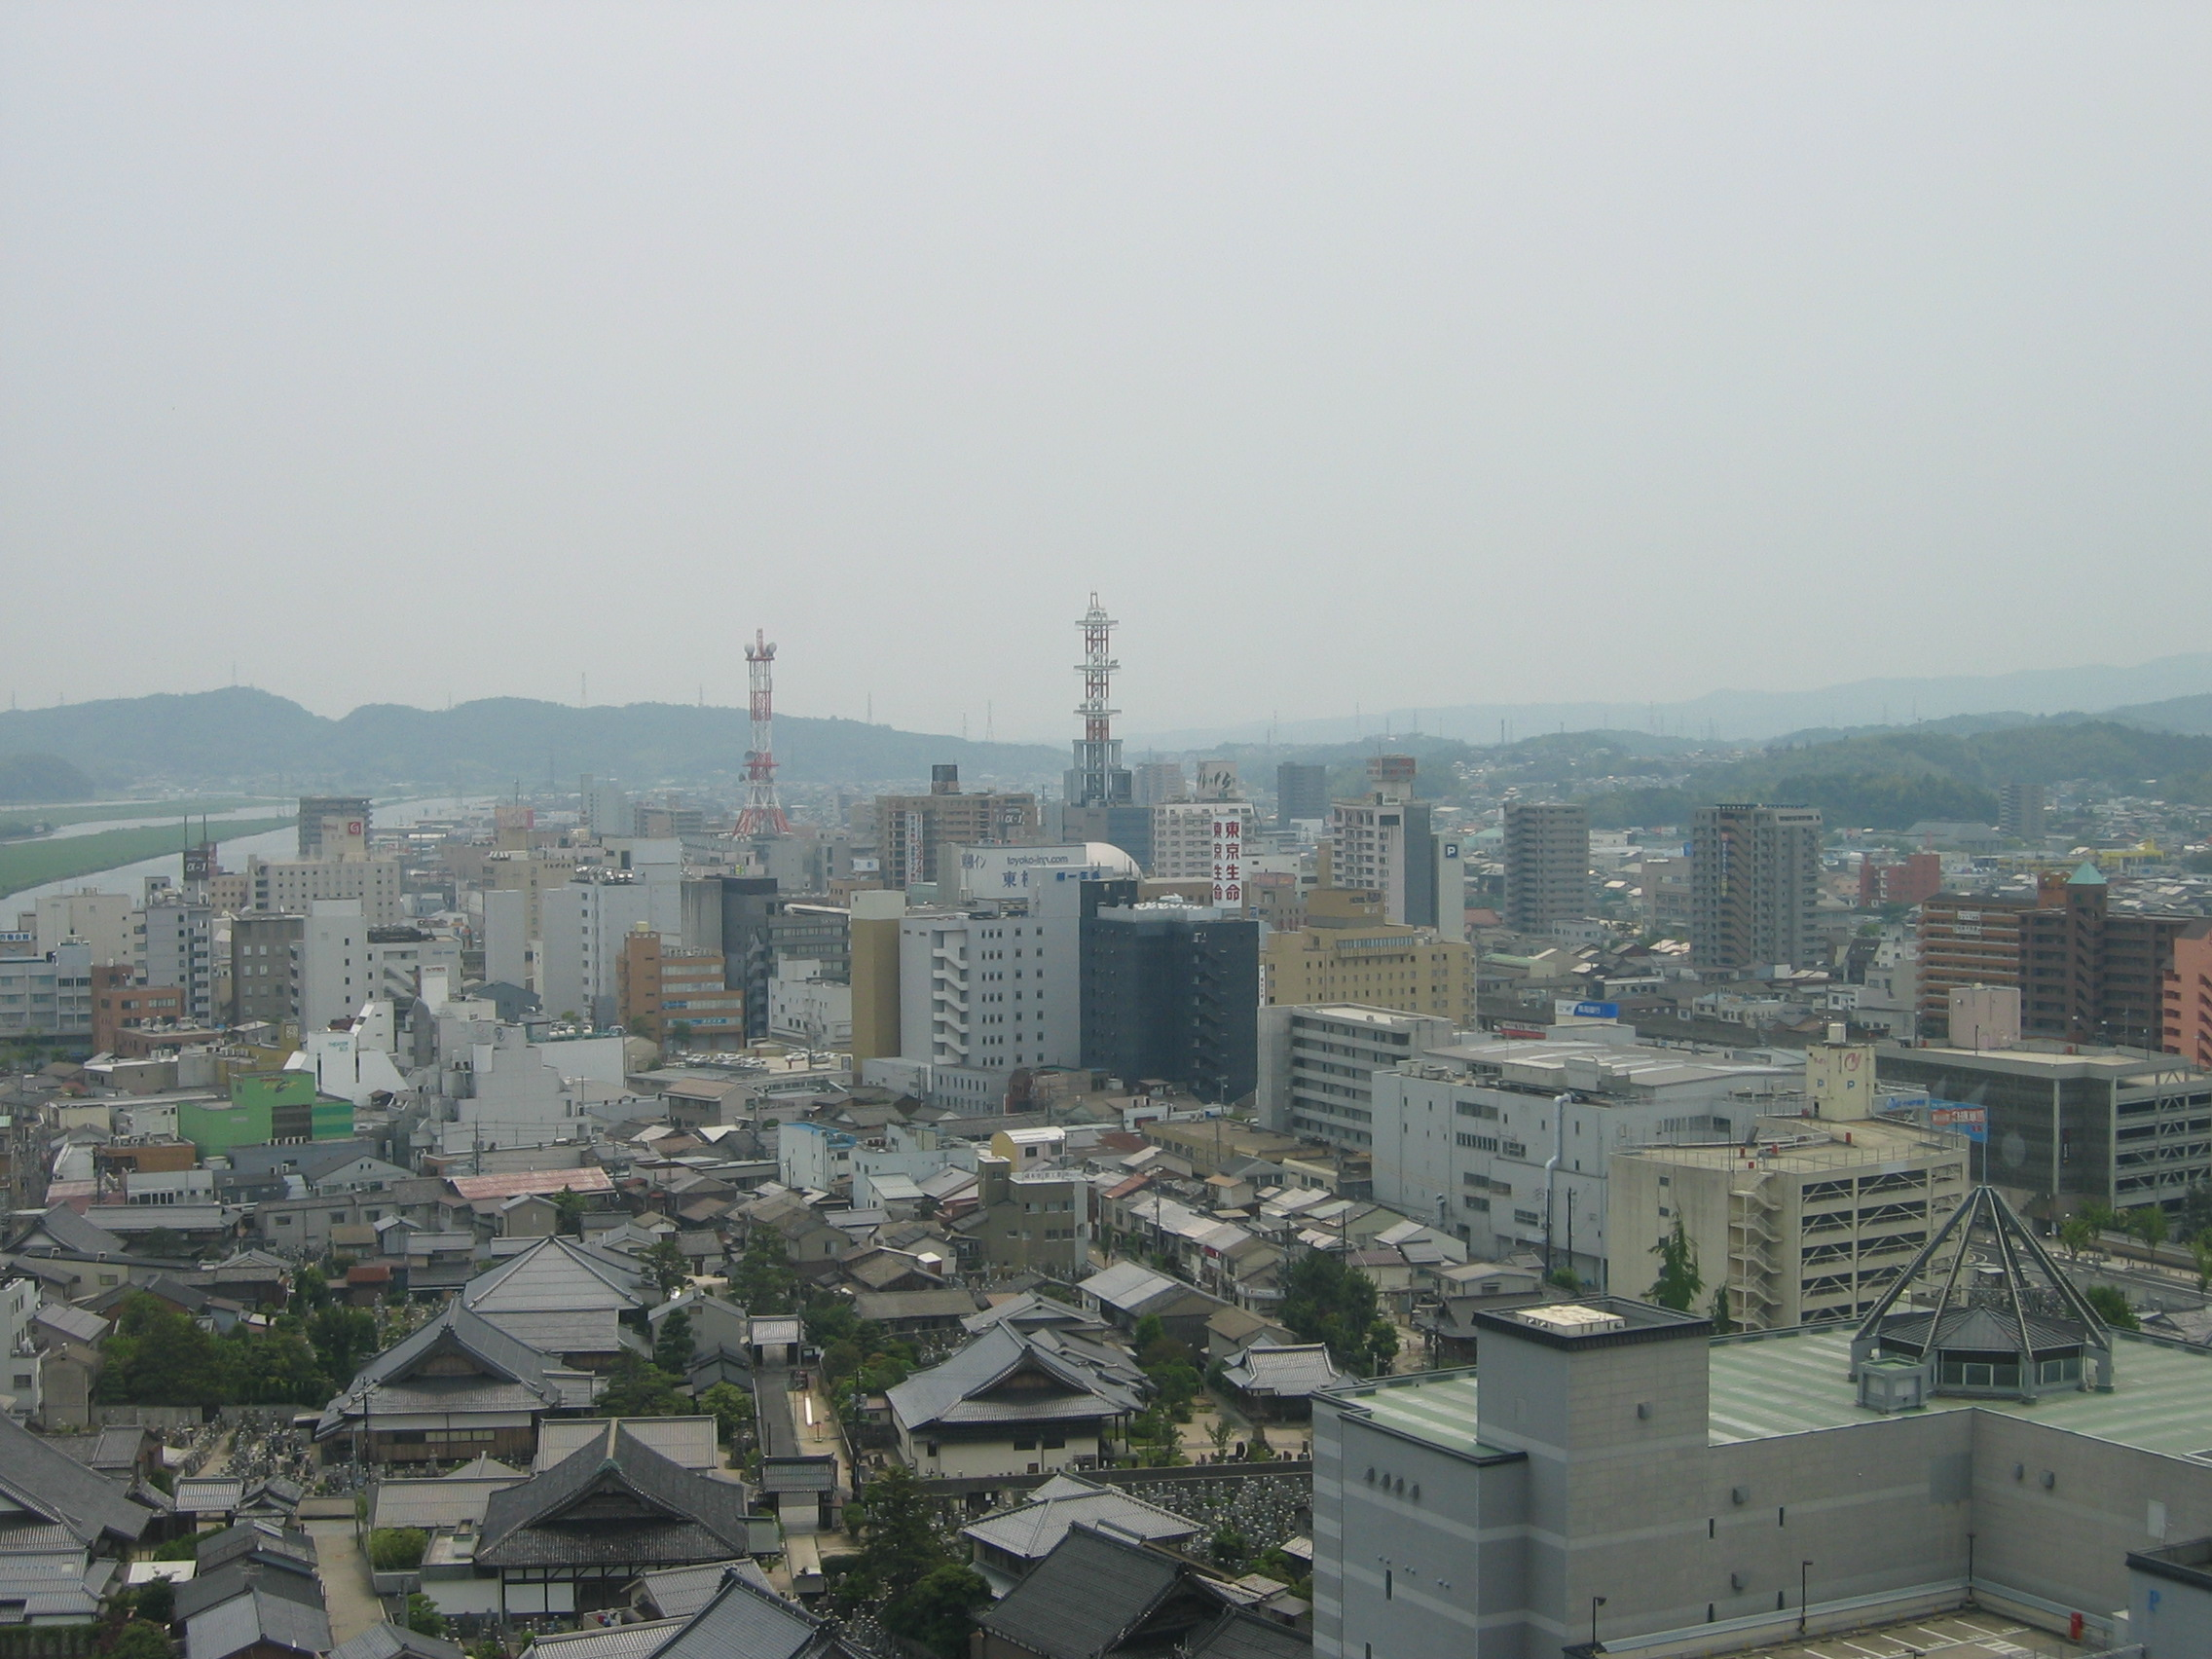 松江市の街並み : 鳥取県民が嫌われる理由 - NAVER まとめ